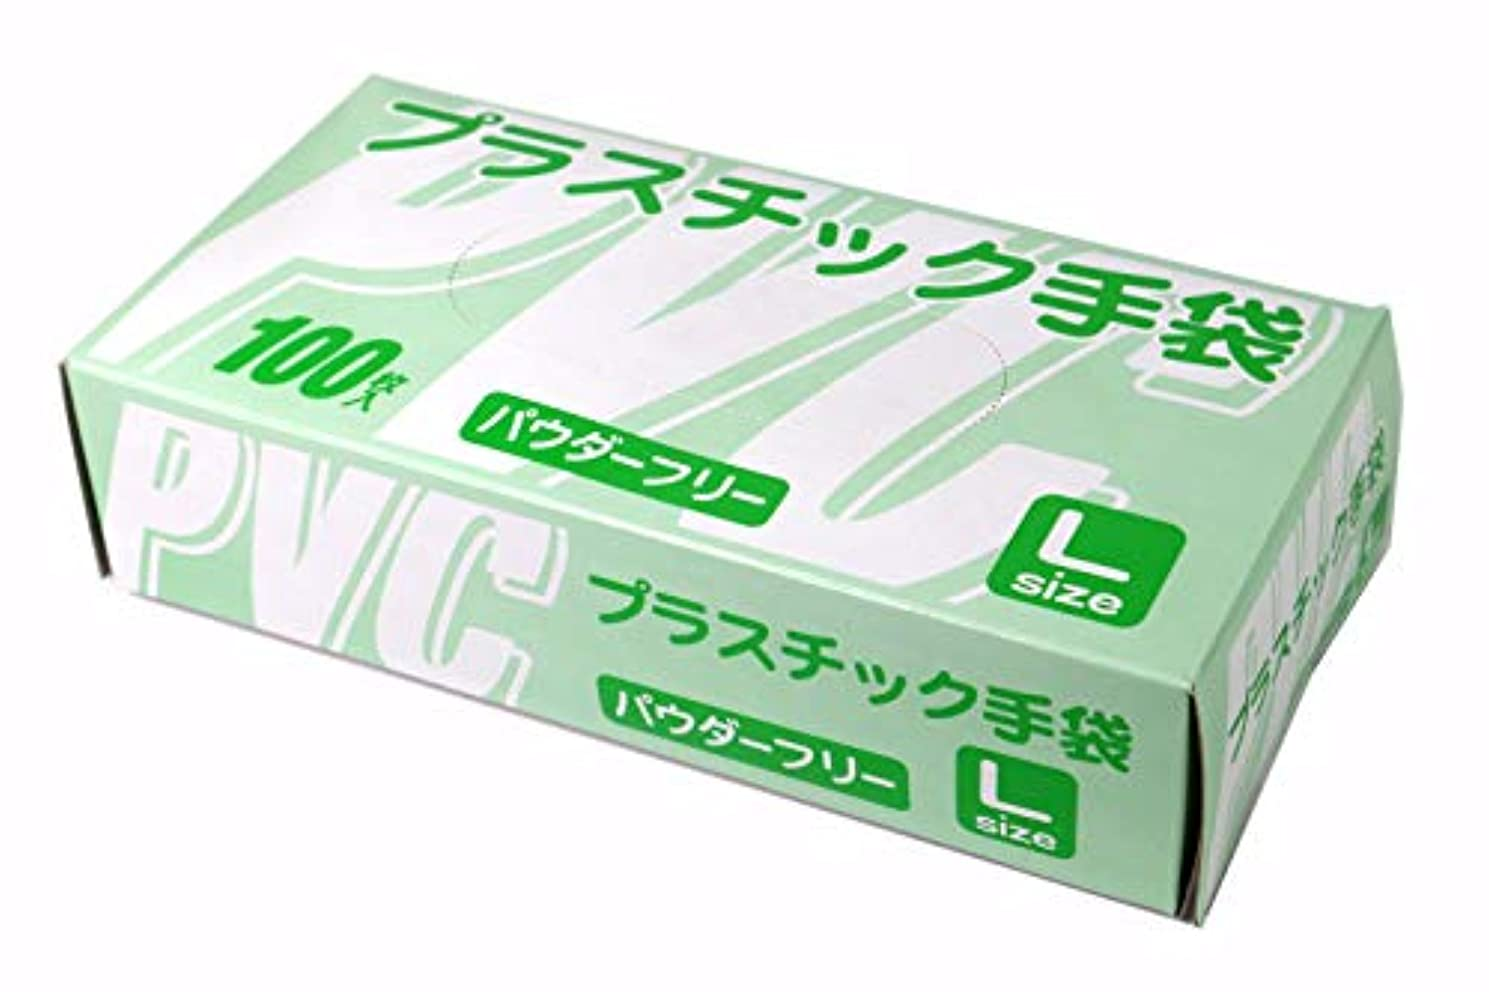 農民ヒント麻痺使い捨て手袋 プラスチックグローブ 粉なし(パウダーフリー) Lサイズ 100枚入 超薄手 食品加工可 破れにくい 100431